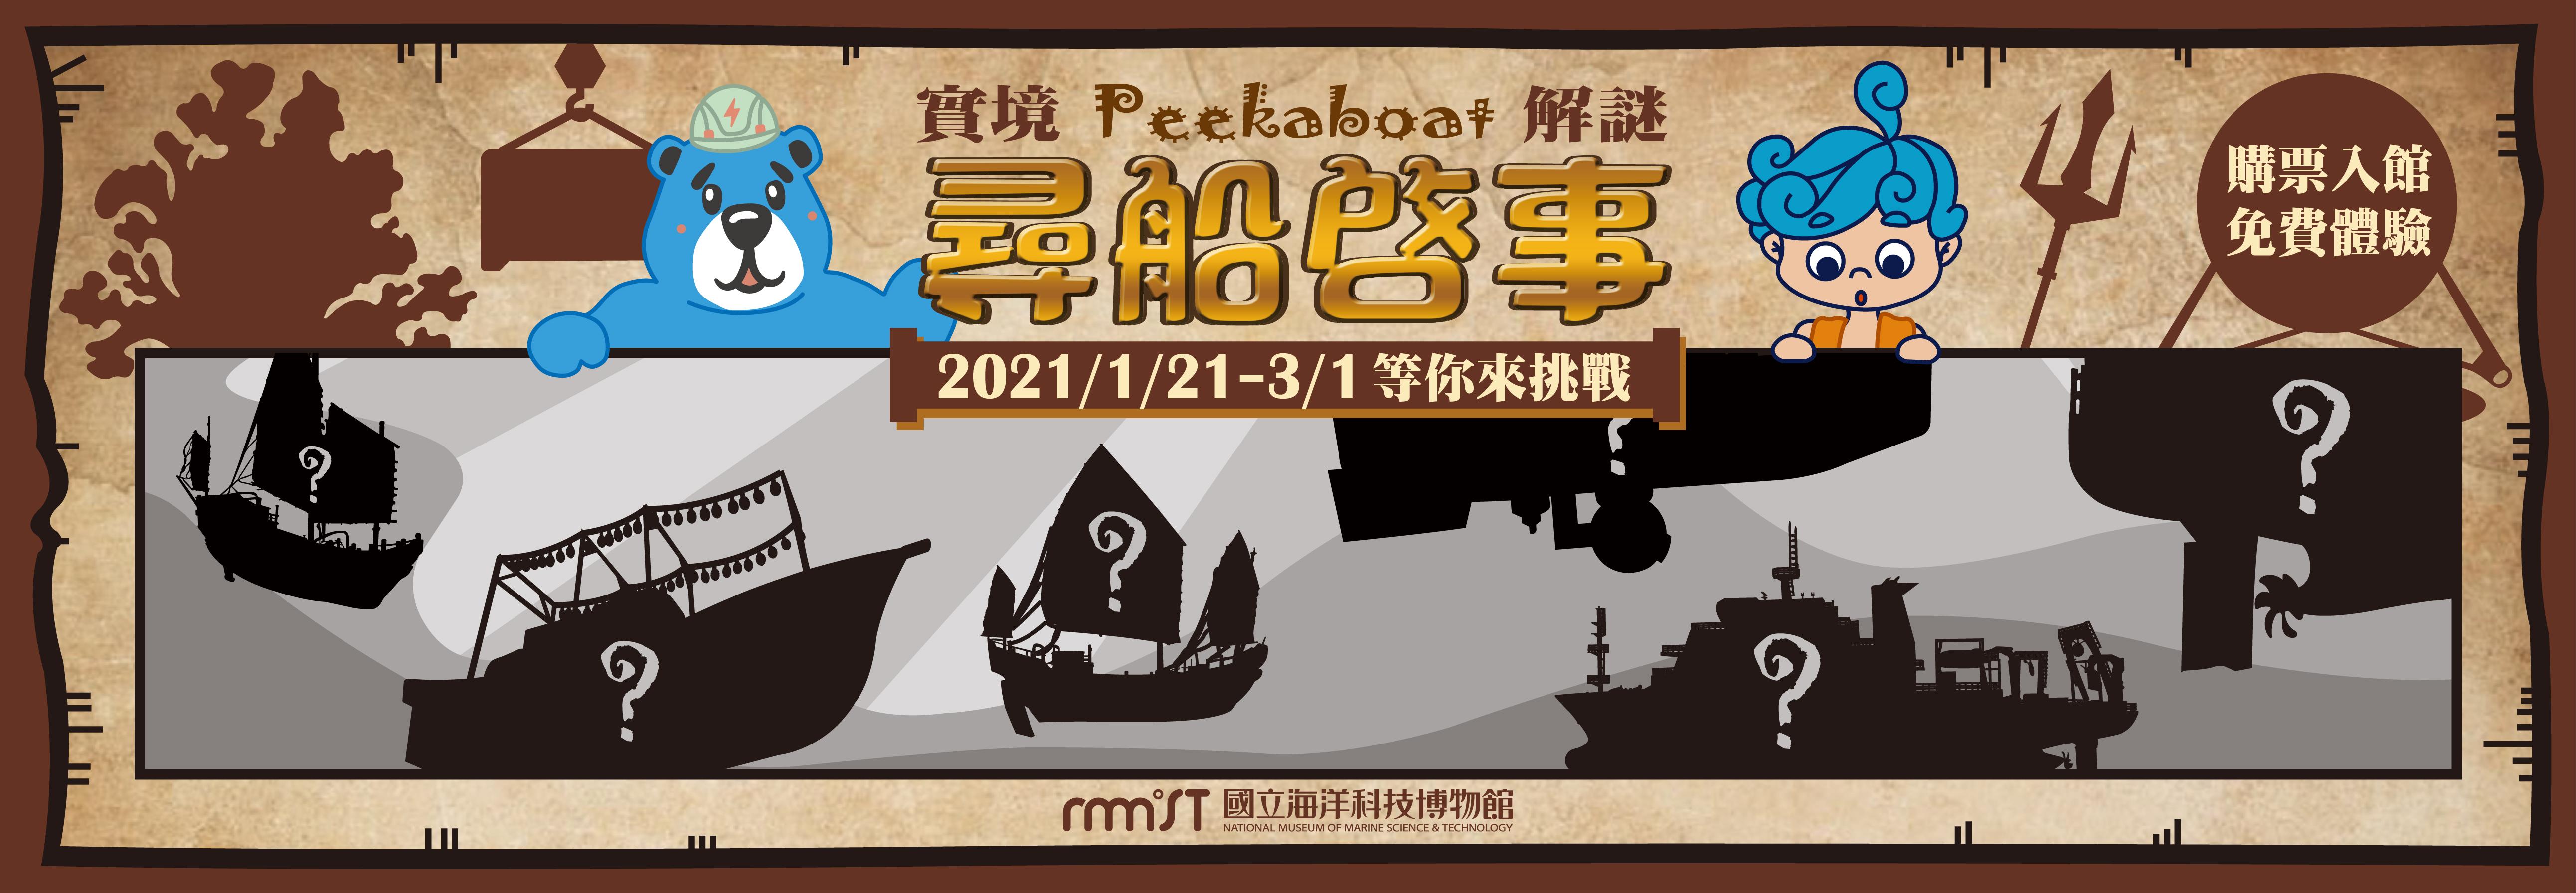 海科館-主題實境遊戲 – 尋船啓事Peekaboat